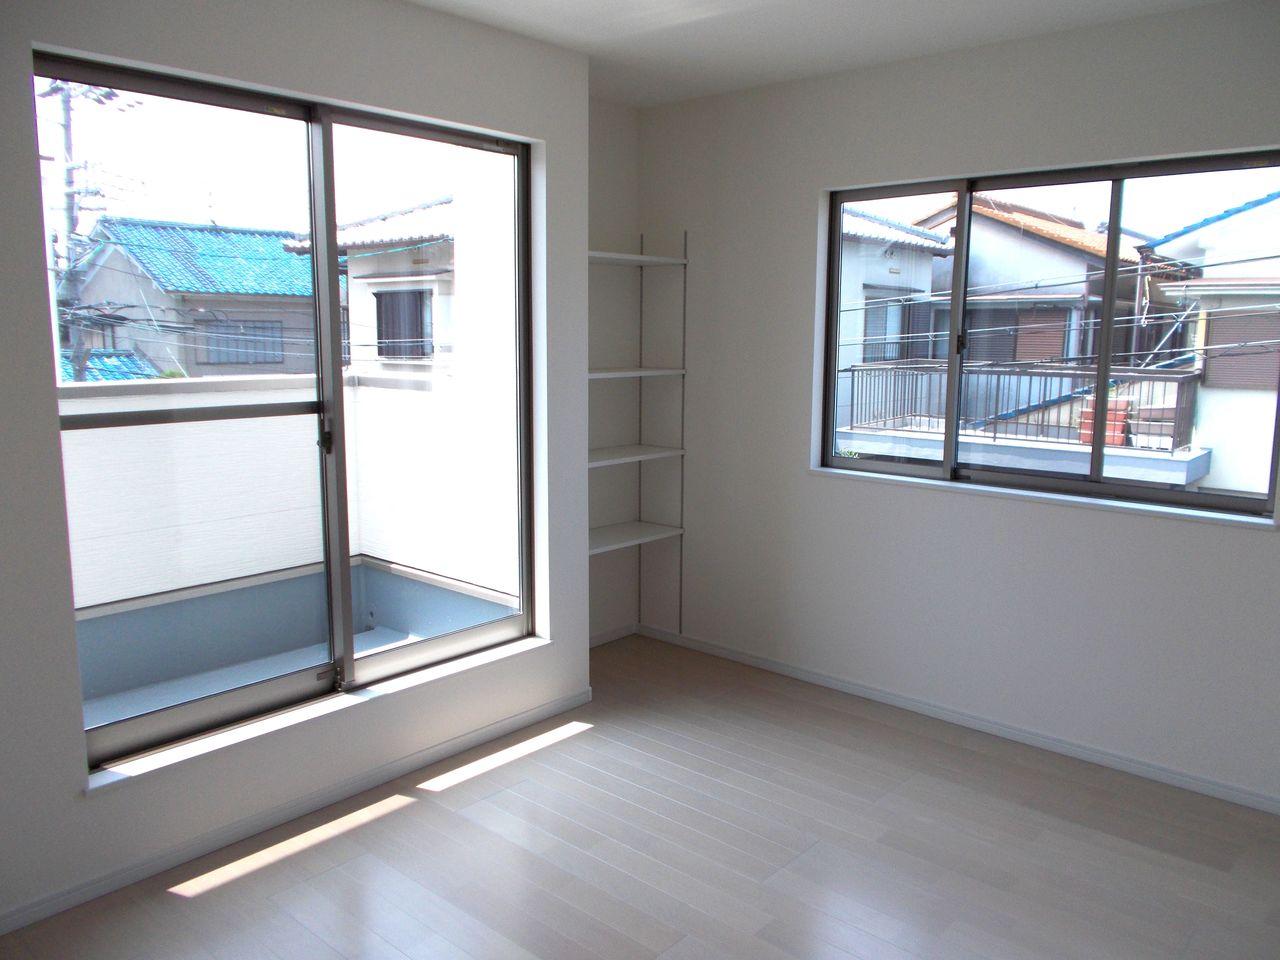 2階7帖洋室には便利な棚を配置。 ウォークインクローゼットと合わせて 便利にお使い頂けます。